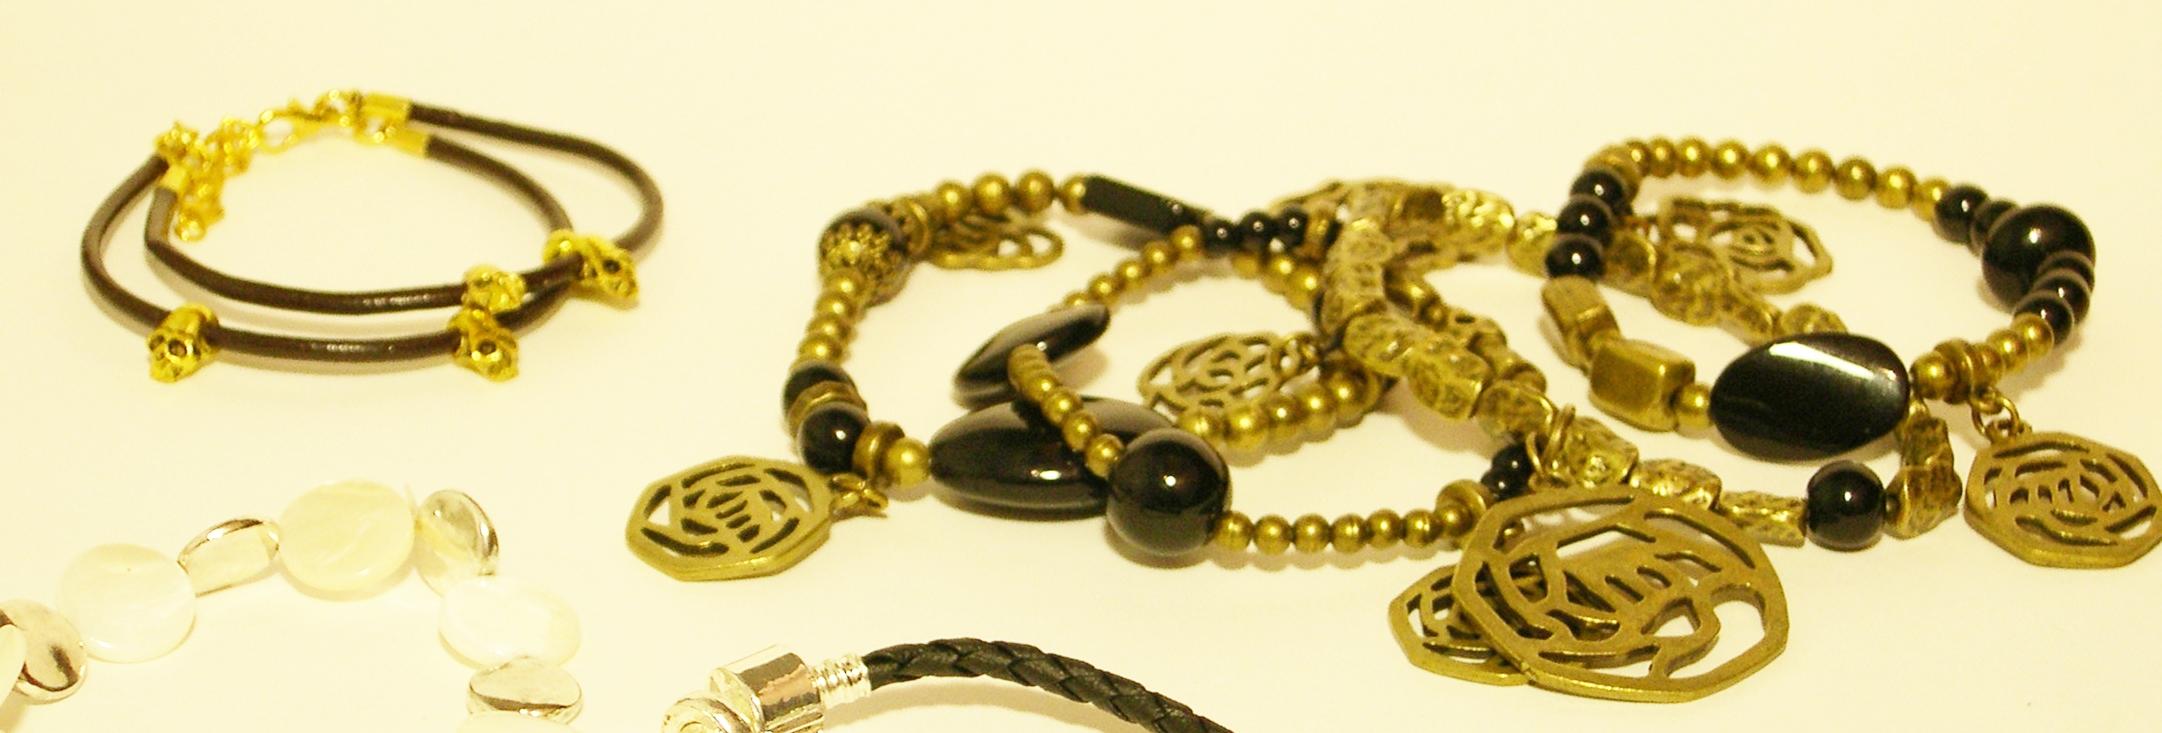 pulseras de bisuteria finas doradas